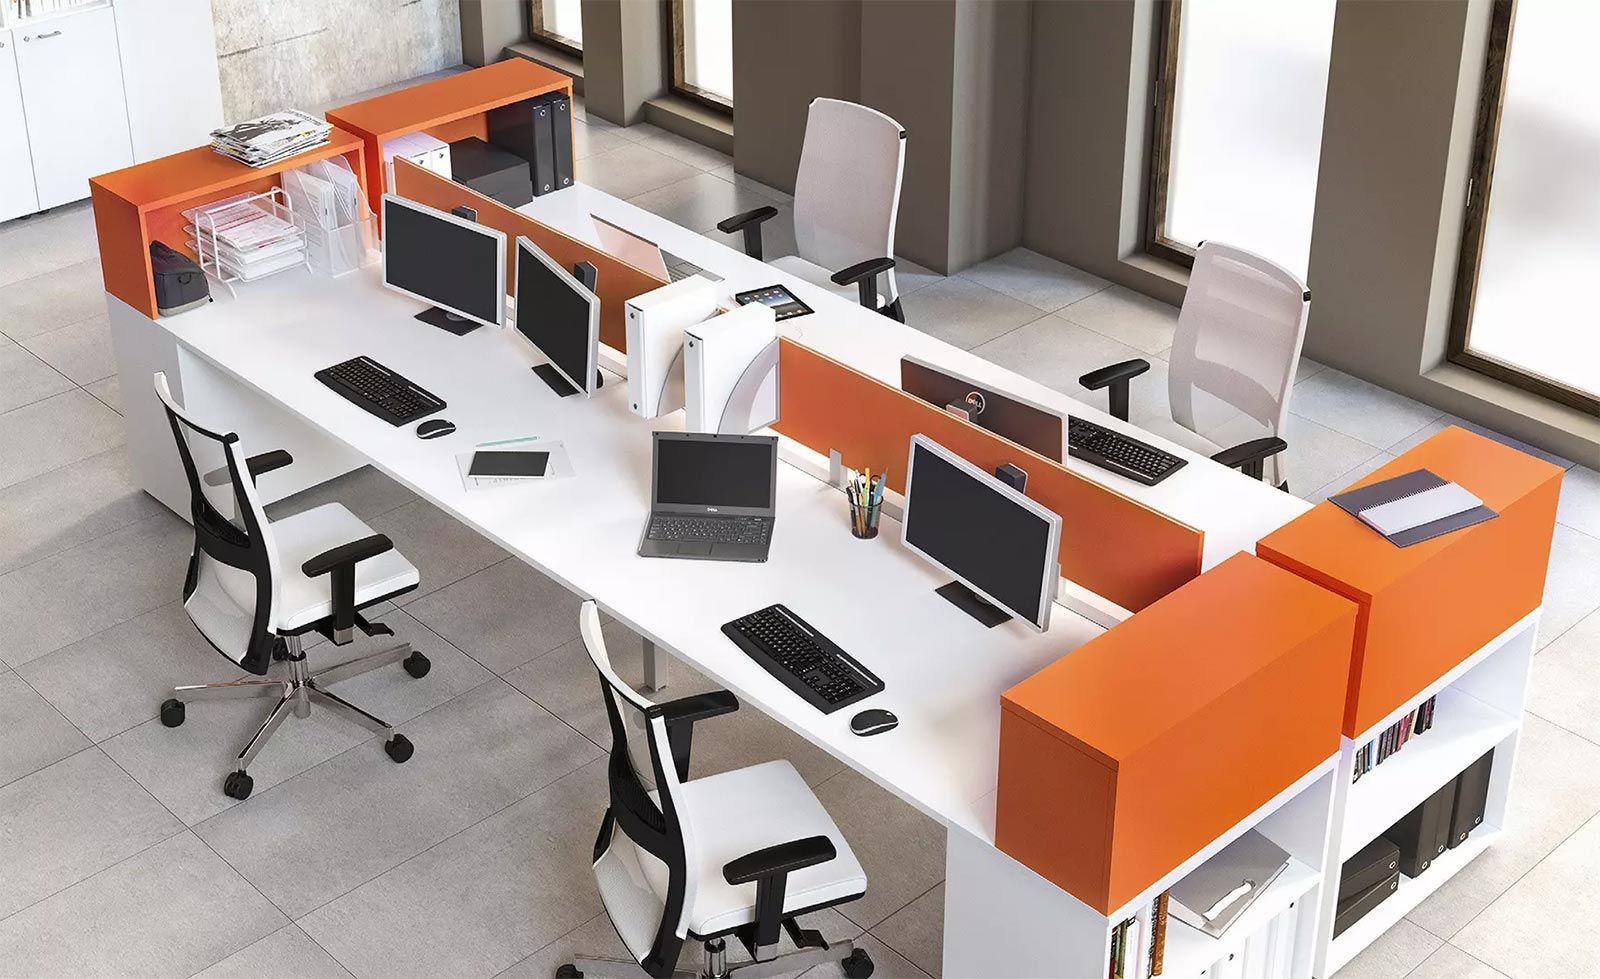 Devi arredare l 39 ufficio idee e consigli dal leader a roma for Design stanza ufficio